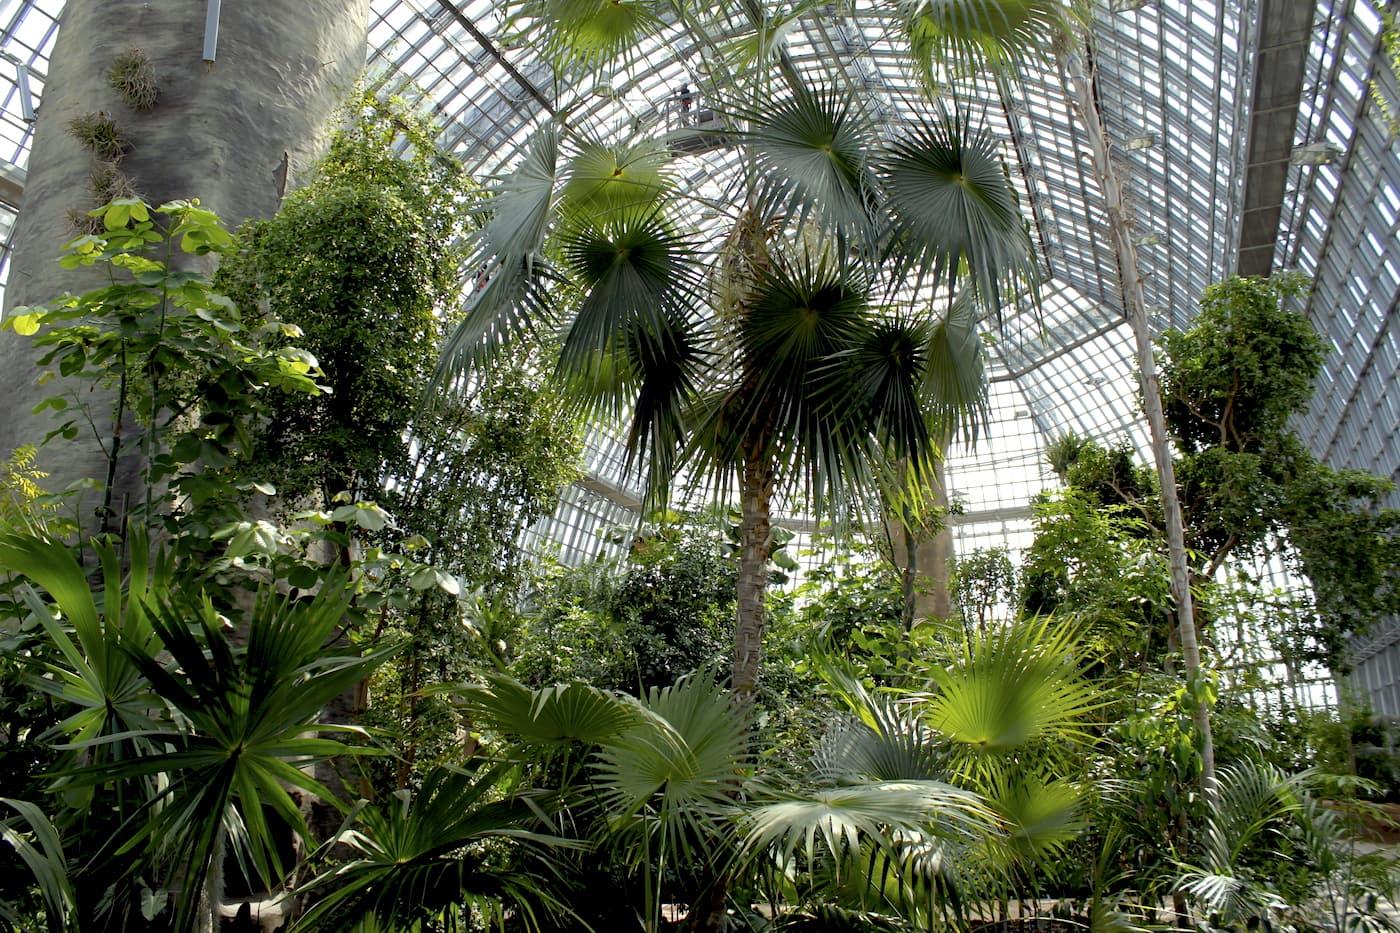 Tropenhaus im Botanischen Garten Berlin // HIMBEER